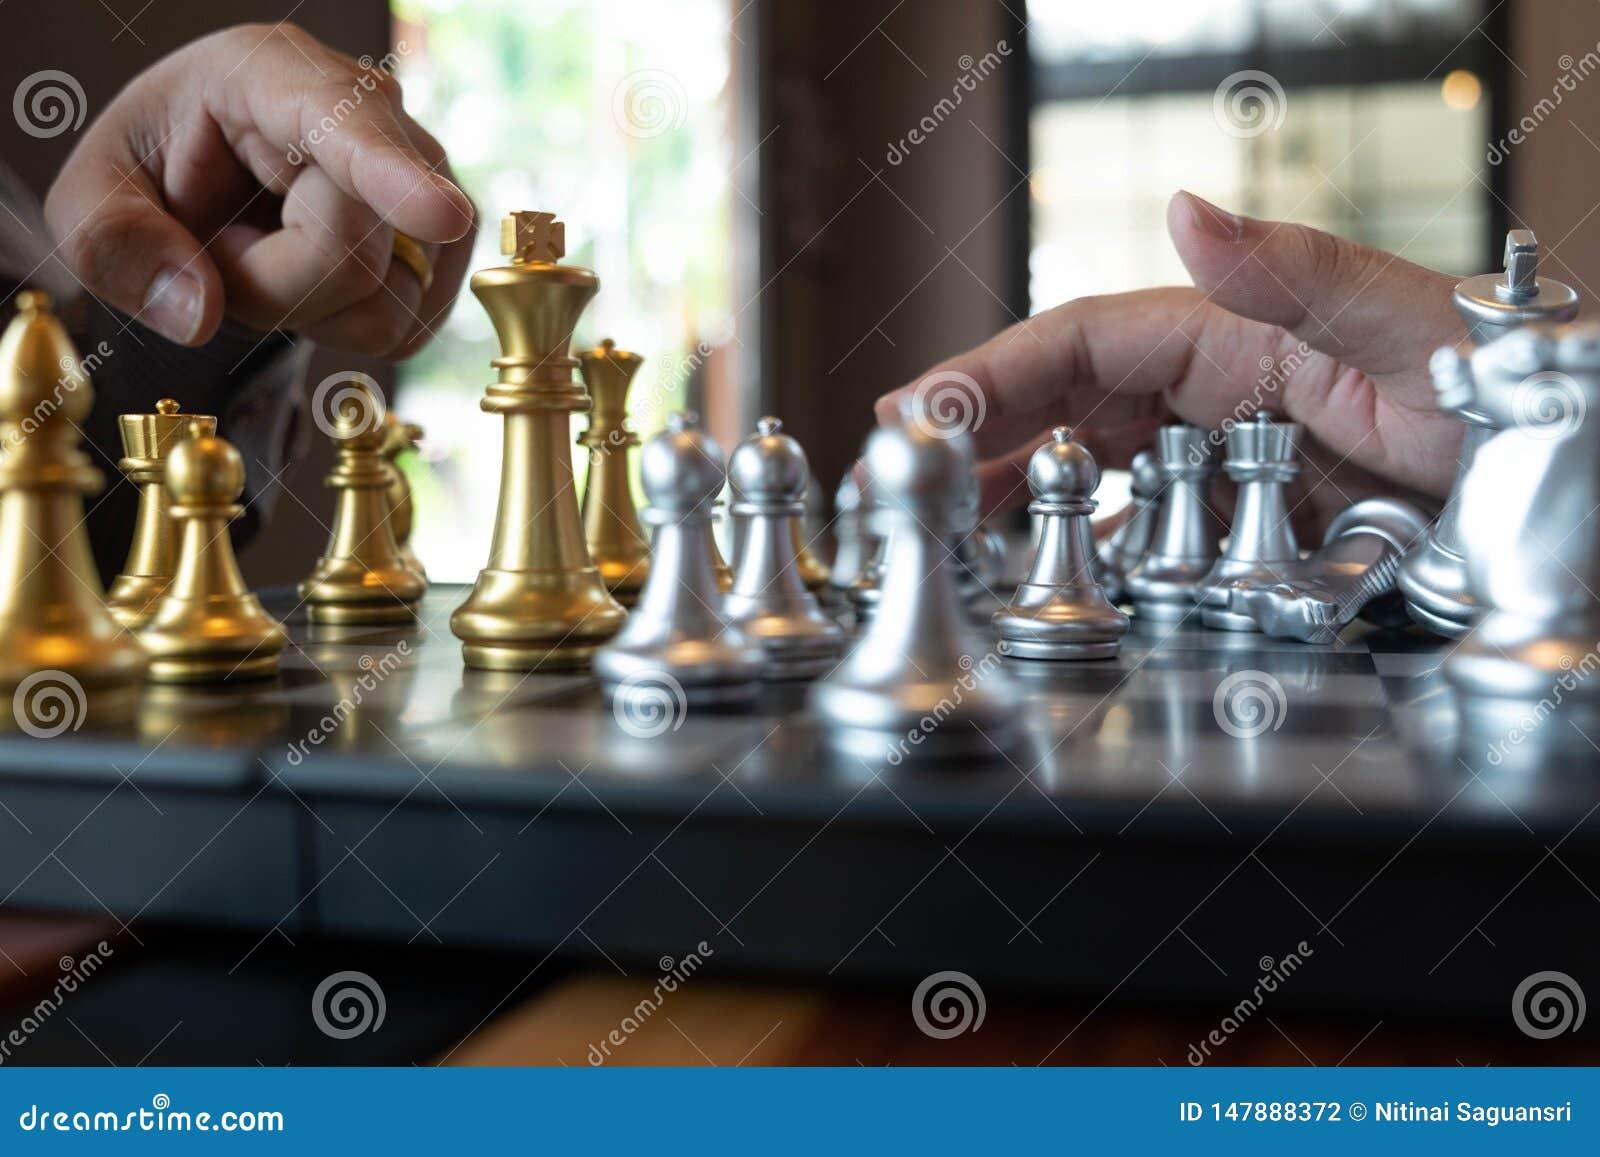 Les photos en gros plan des mains d ?chec et mat sur un ?chiquier pendant un jeu d ?checs le concept de la strat?gie de victoire